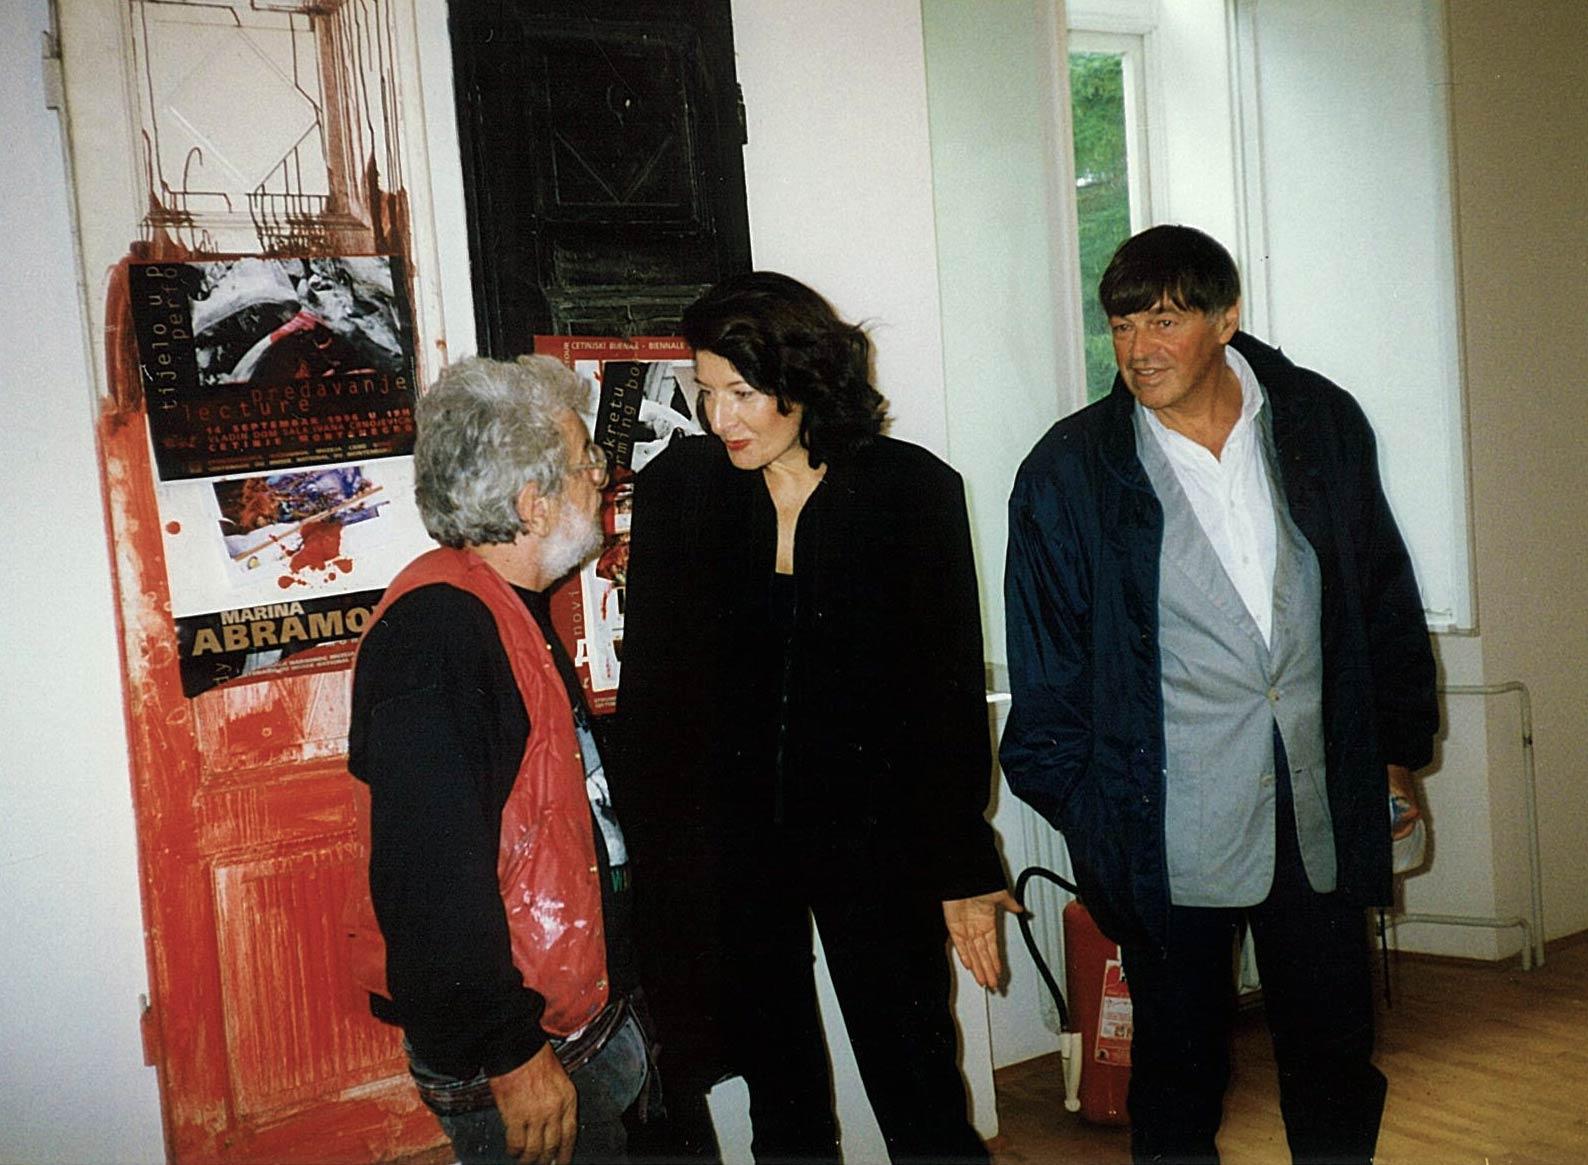 Dado and Marina Abramović